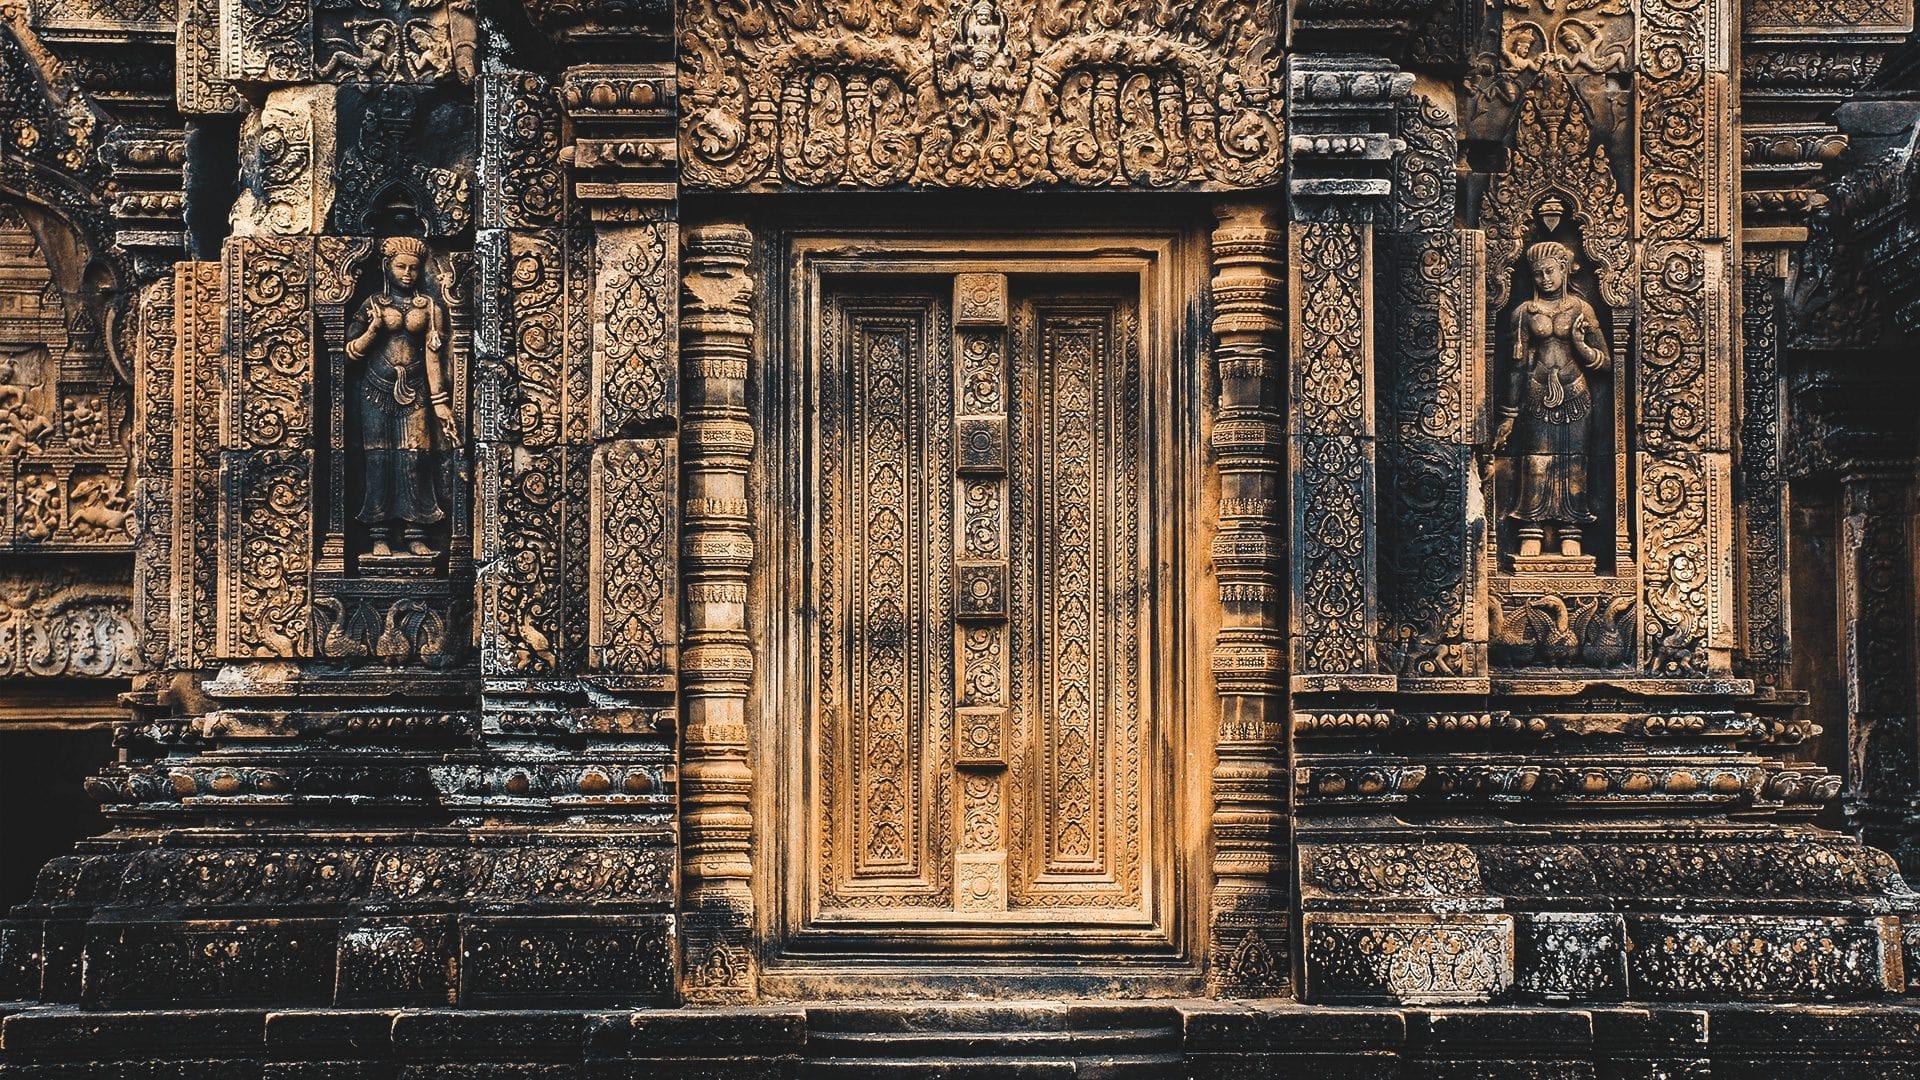 Templos de Angkor Wat en Camboya | Rojo Cangrejo Blog de Viajes